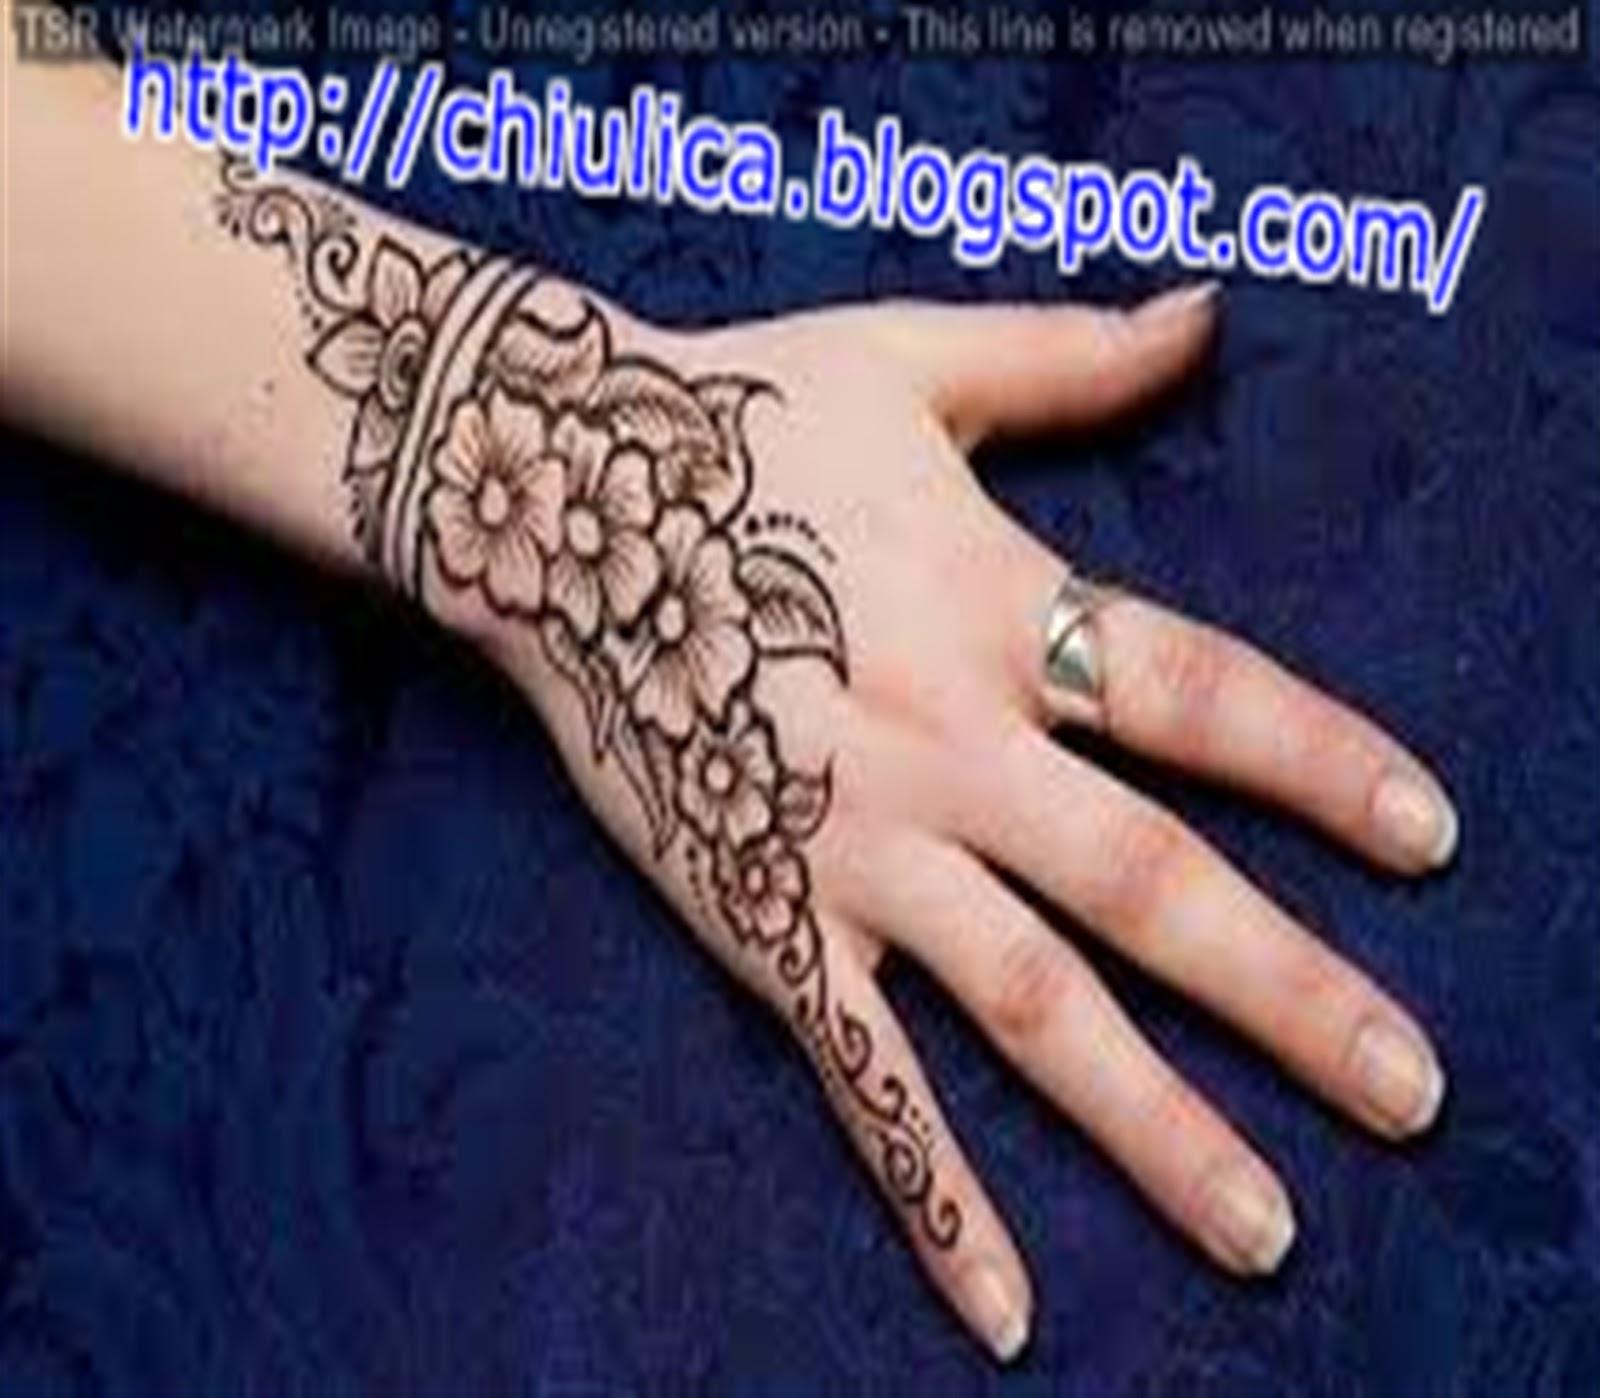 Teknik Menggambar Henna Atau Inai Tutorial Gambar Henna Dan Inai